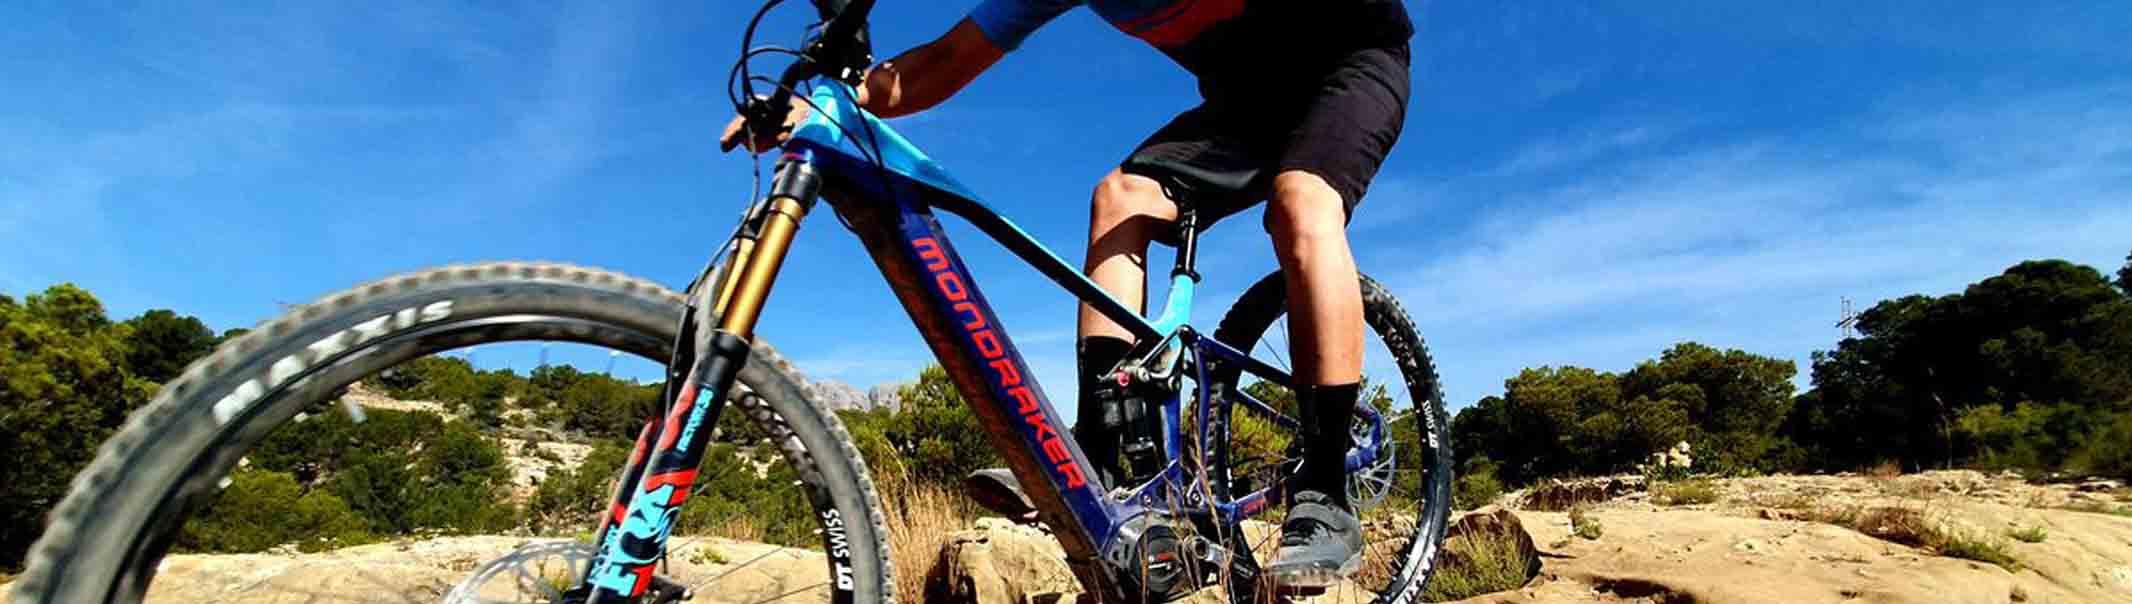 alquiler de bicicletas en villanueva del pardillo